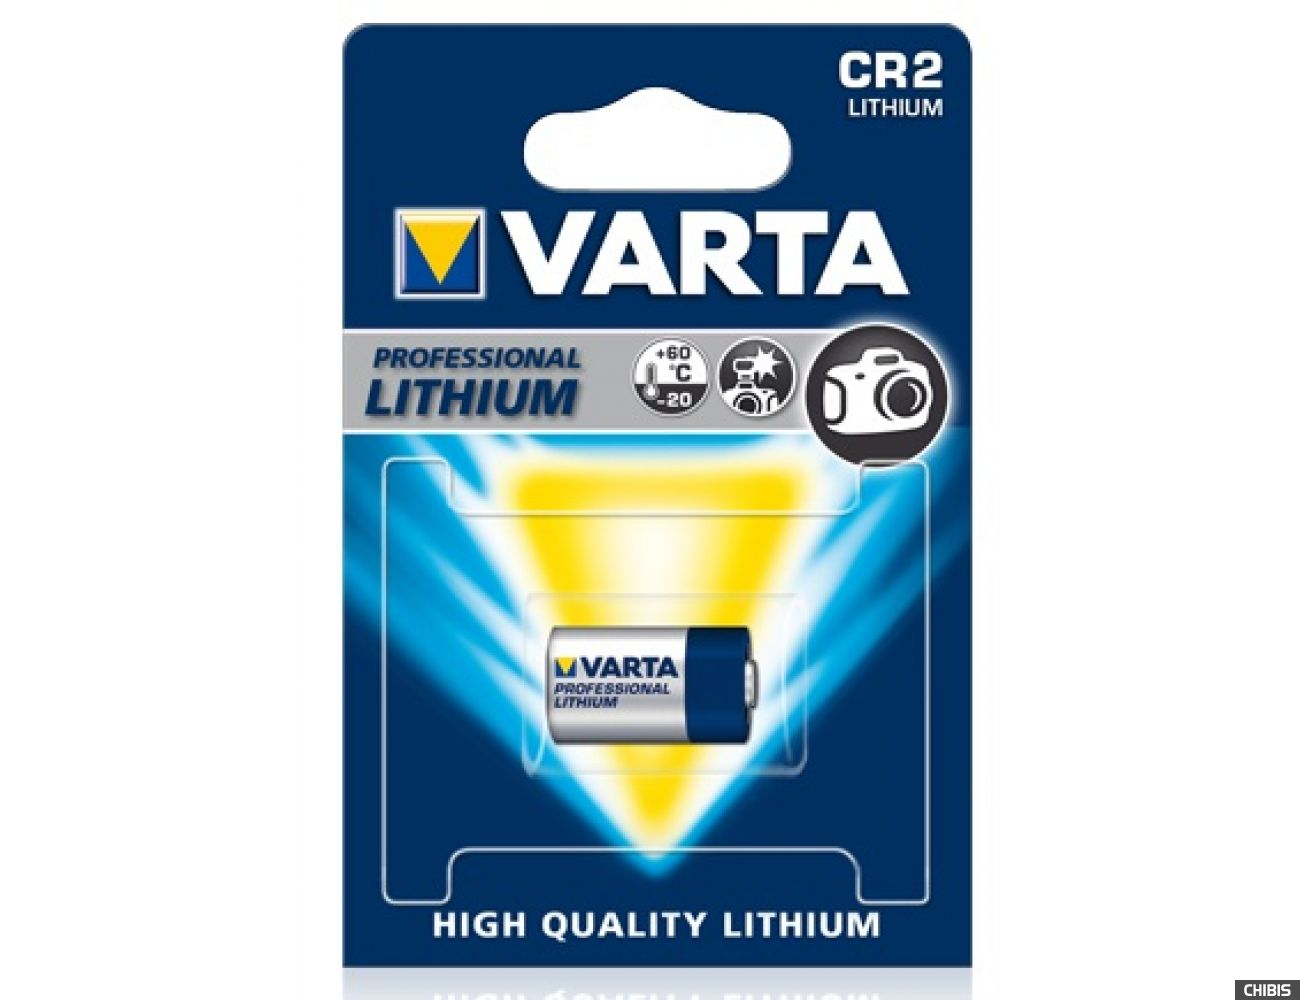 Батарейка Varta CR2 Photo Professional (CR2, 920mAh, 3V, Литиевая) 06206301401